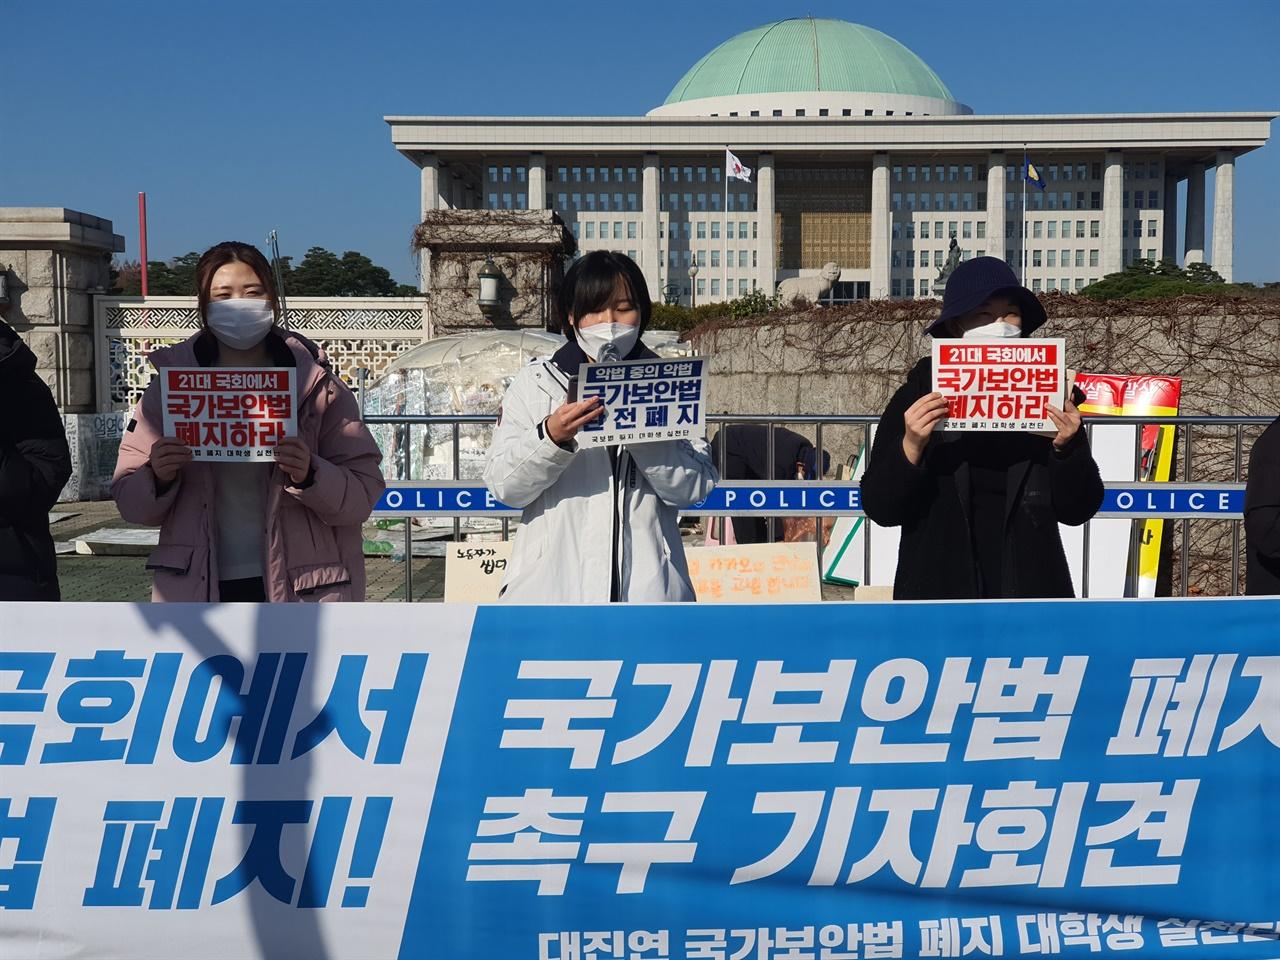 대진연 국가보안법 폐지 대학생 실천단 단원이 발언을 하고 있다.